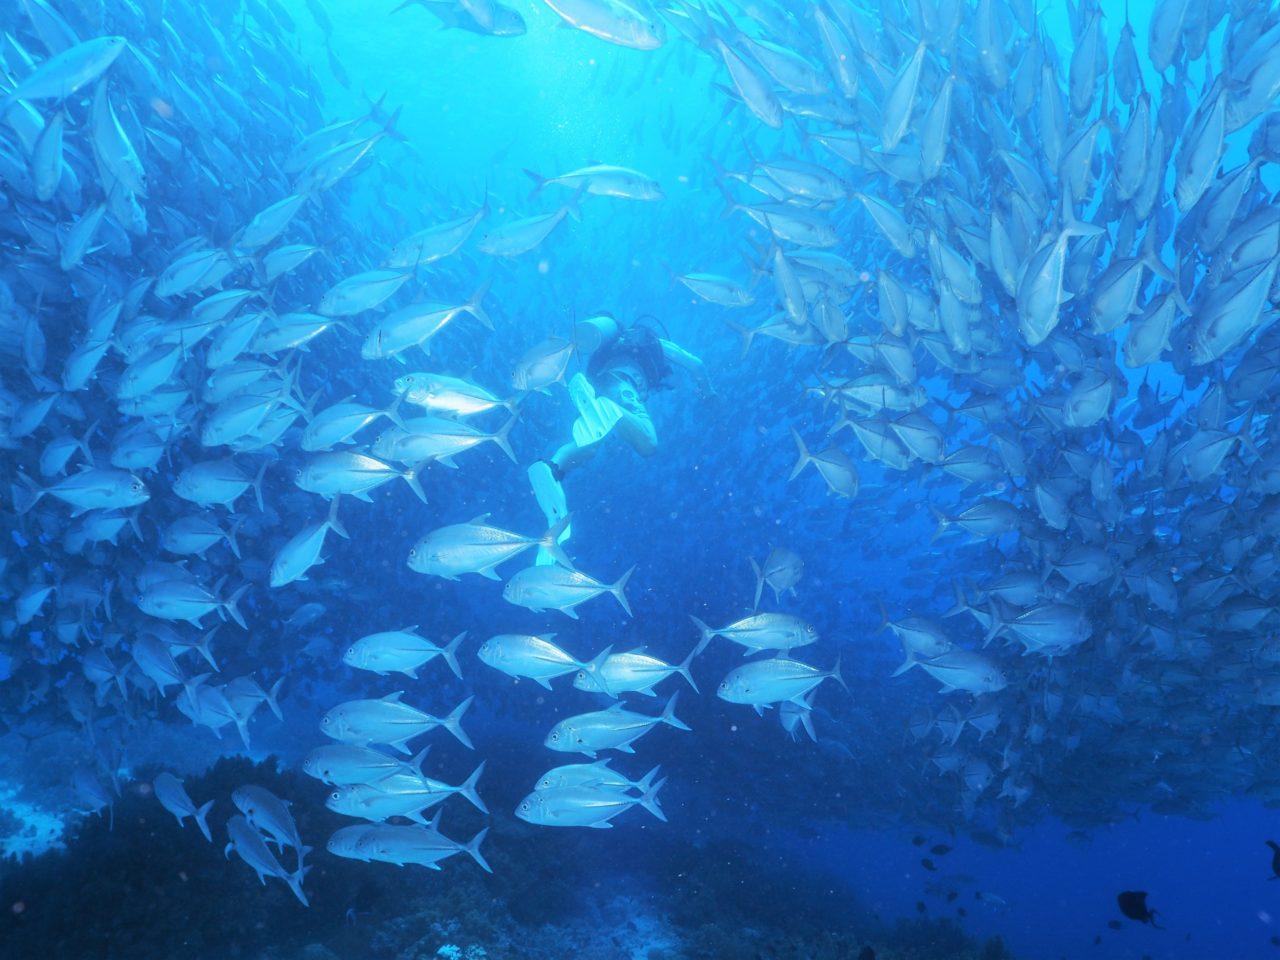 バリカサグ島のギンガメアジの群れに囲まれるダイバー